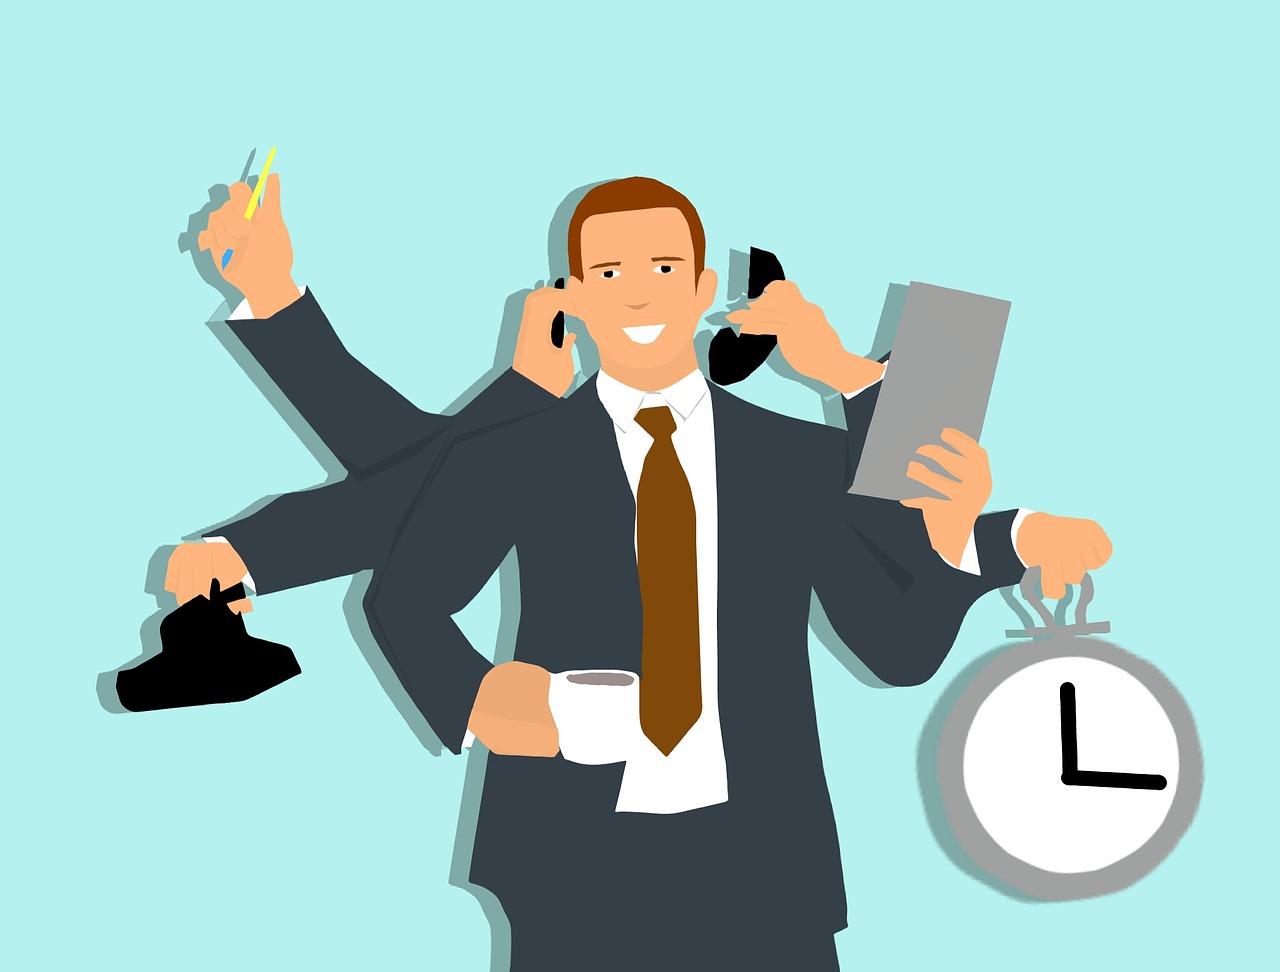 Miként oldható meg a munkahelyi helyettesítés?